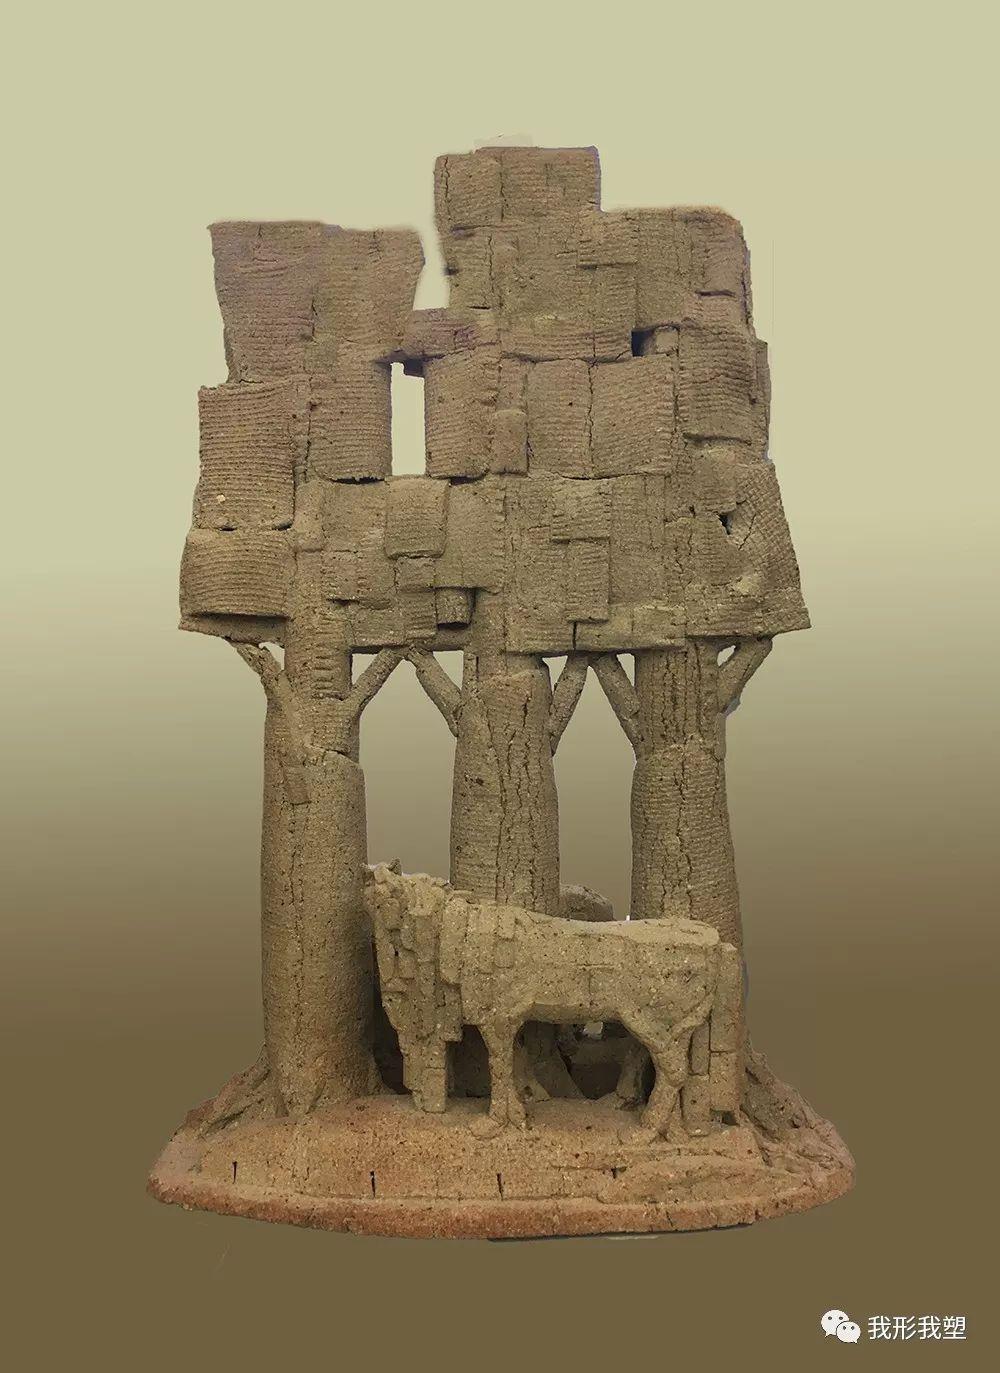 """【雕塑展览】庆祝中华人民共和国成立70周年""""蒙古马·雕塑·研究""""展 第25张 【雕塑展览】庆祝中华人民共和国成立70周年""""蒙古马·雕塑·研究""""展 蒙古画廊"""